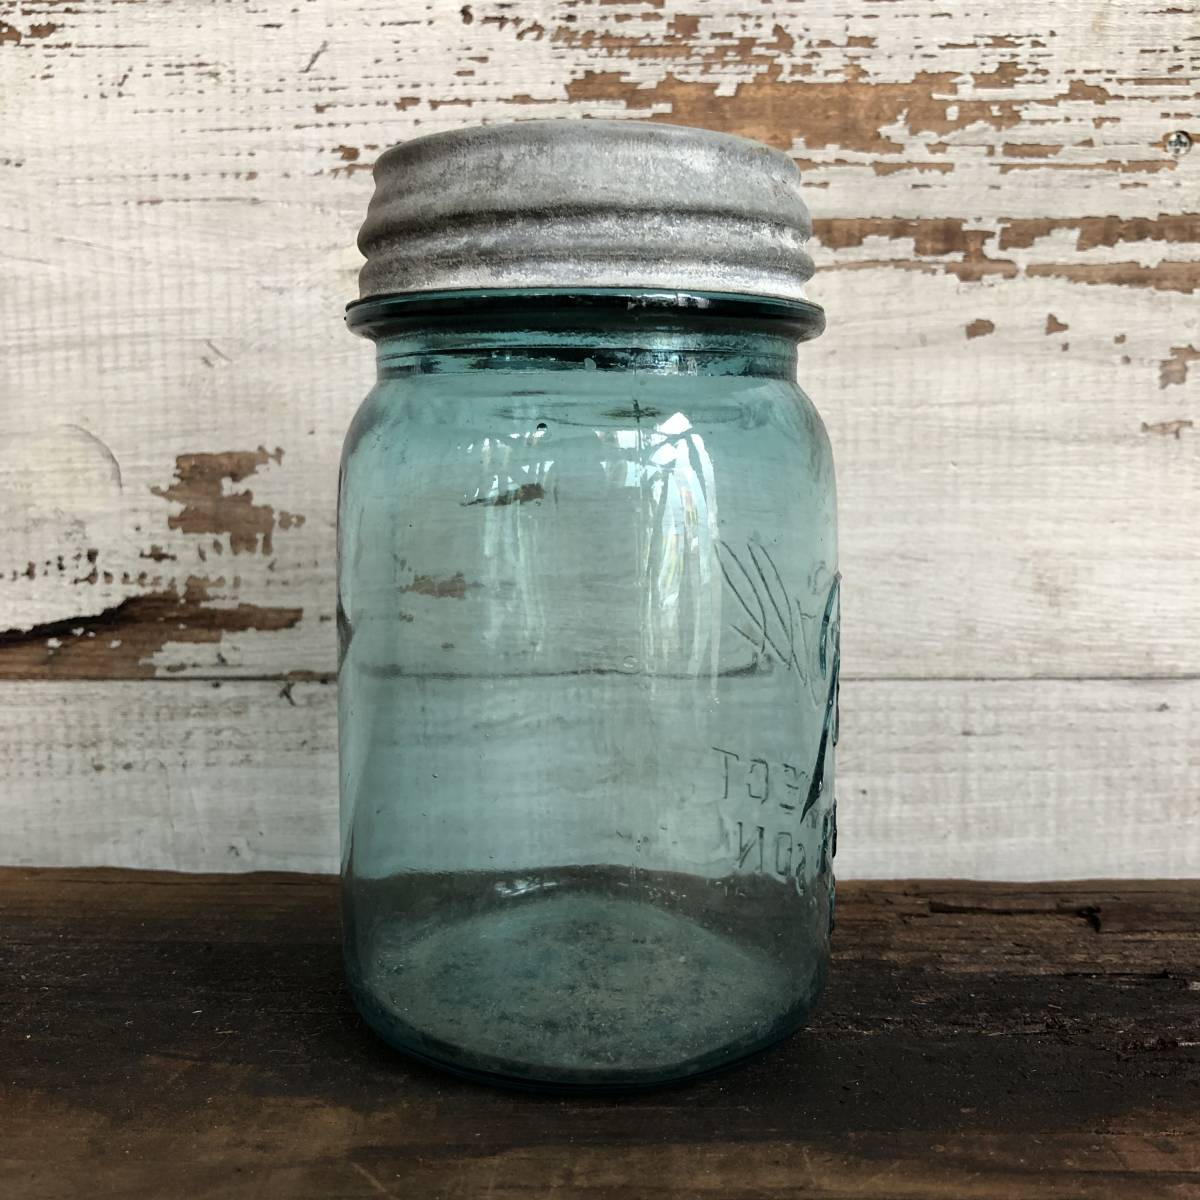 即決⑩ 1930's ball 14cm ヴィンテージ メイソンジャー ガラス瓶 キッチン ジャンク シャビー アクセサリー パーツ 金具 雑貨 小物 収納_画像2